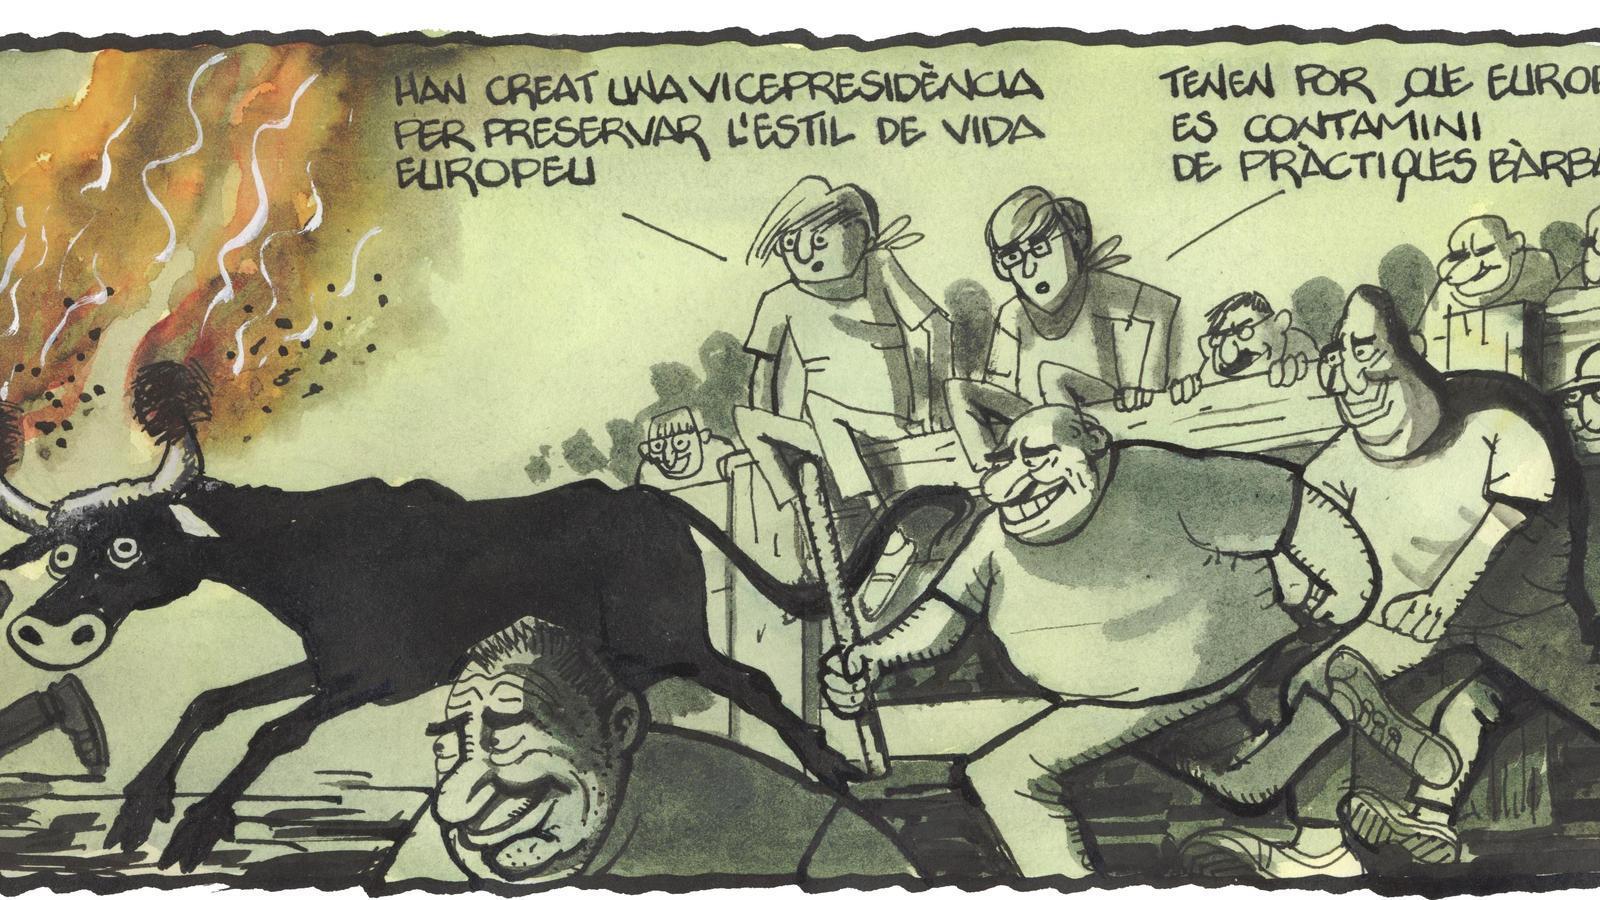 'A la contra', per Ferreres (21/09/2019)